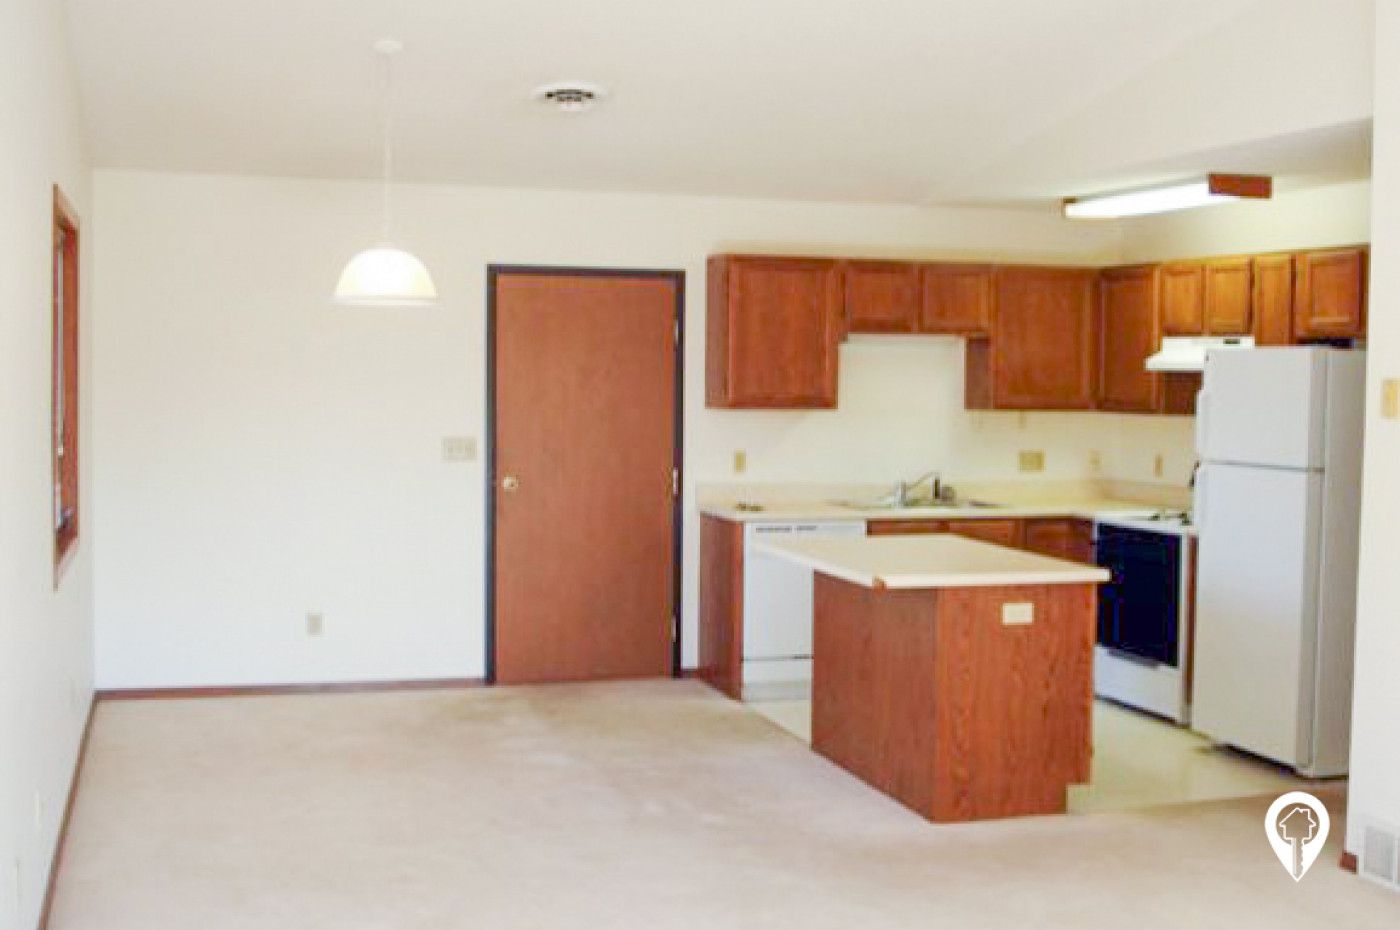 M&I Apartments